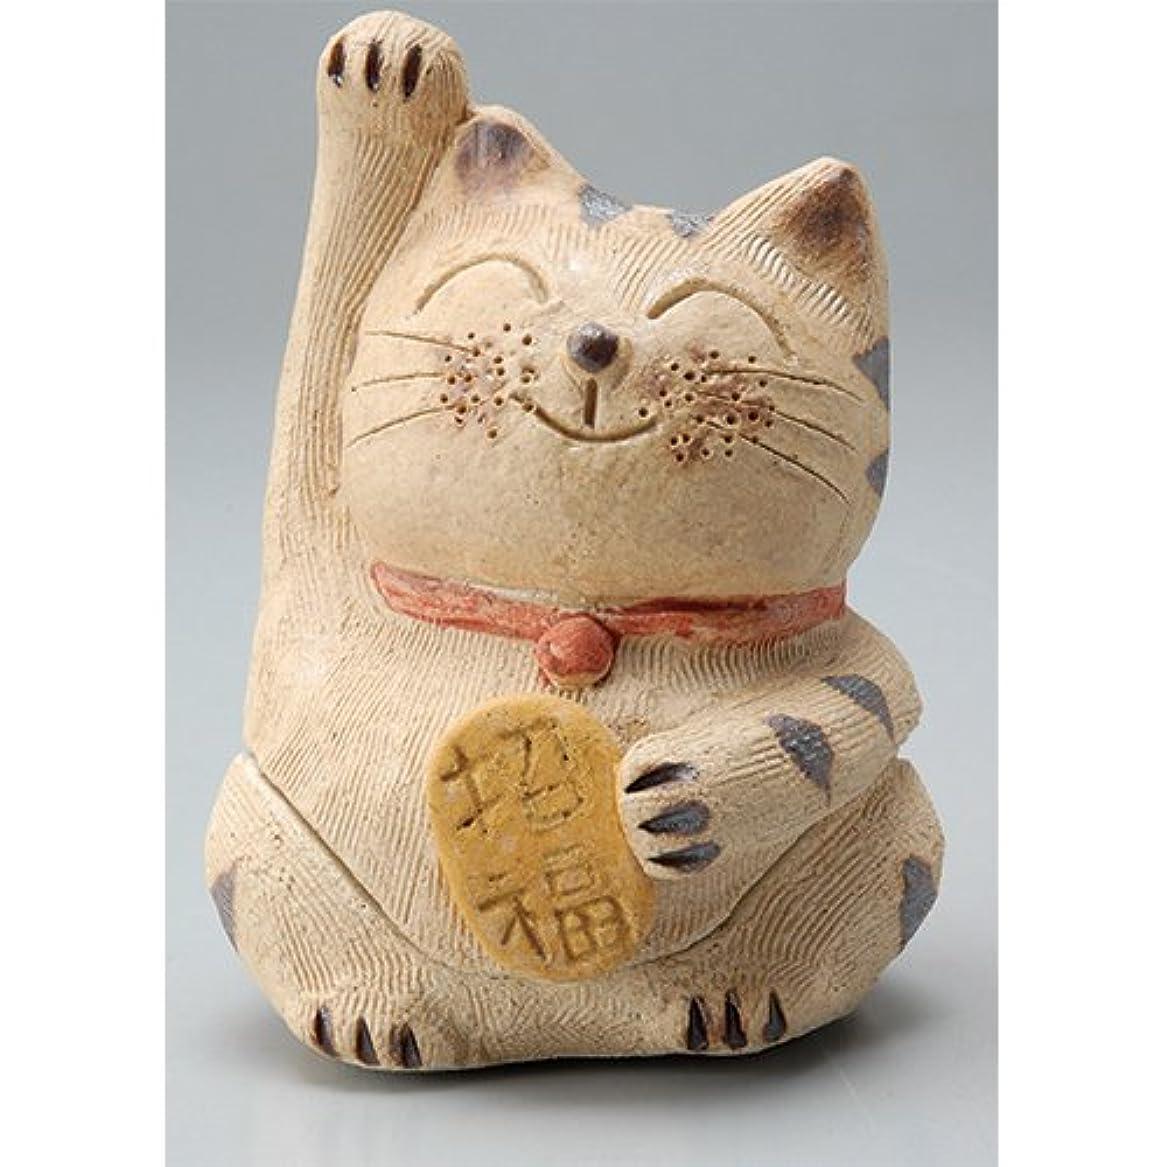 誘惑するレビュアーセッション香炉 微笑み招き猫(お金招き)香炉(小) [H8.5cm] HANDMADE プレゼント ギフト 和食器 かわいい インテリア